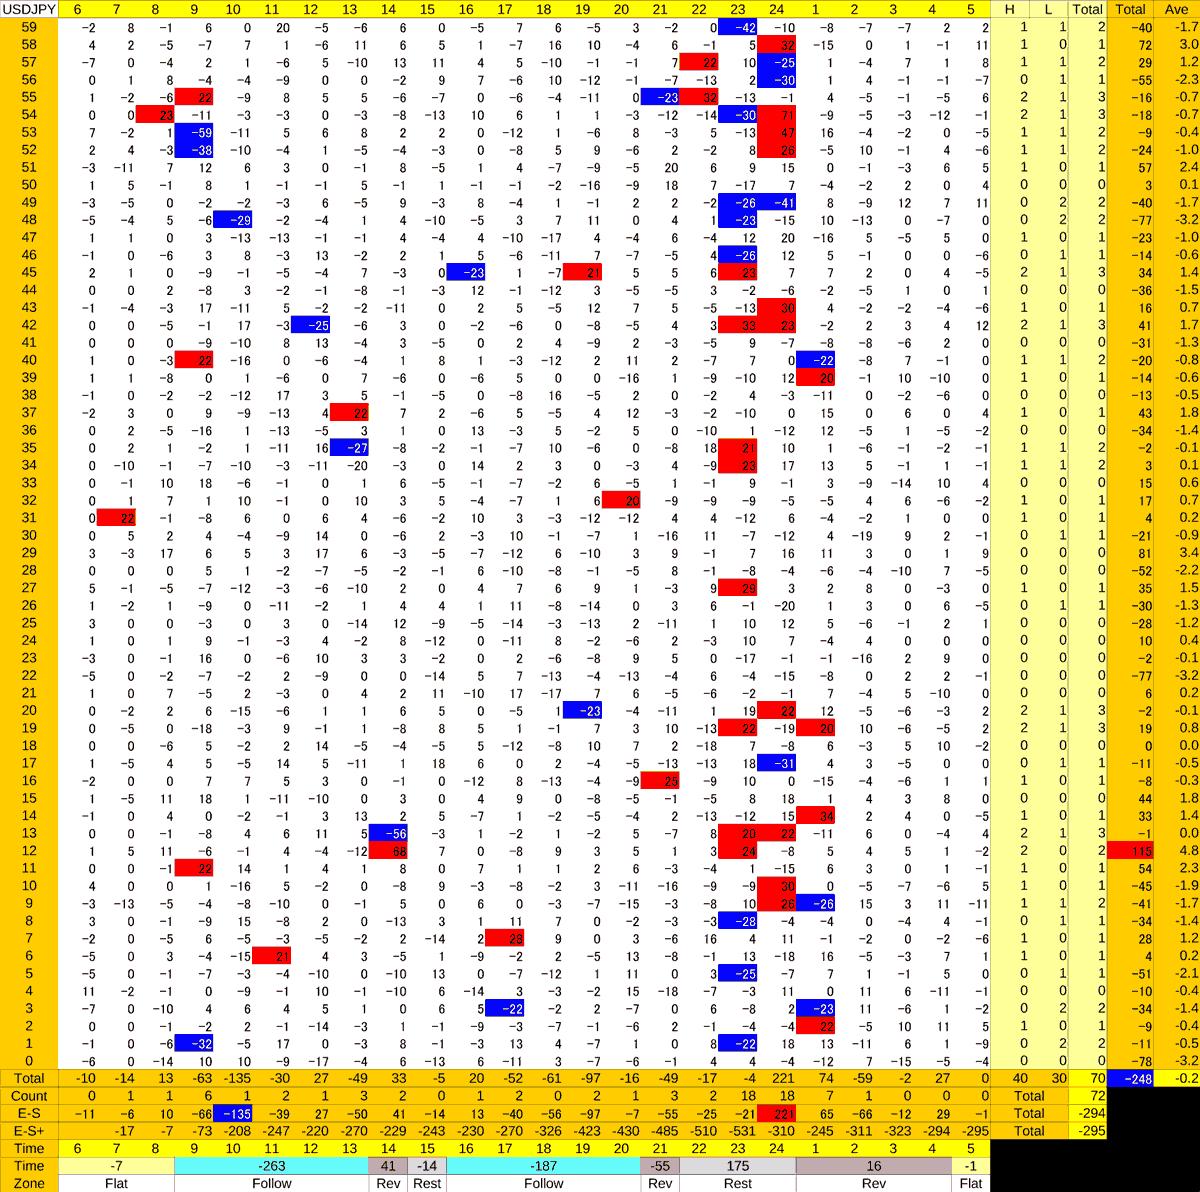 20201230_HS(1)USDJPY